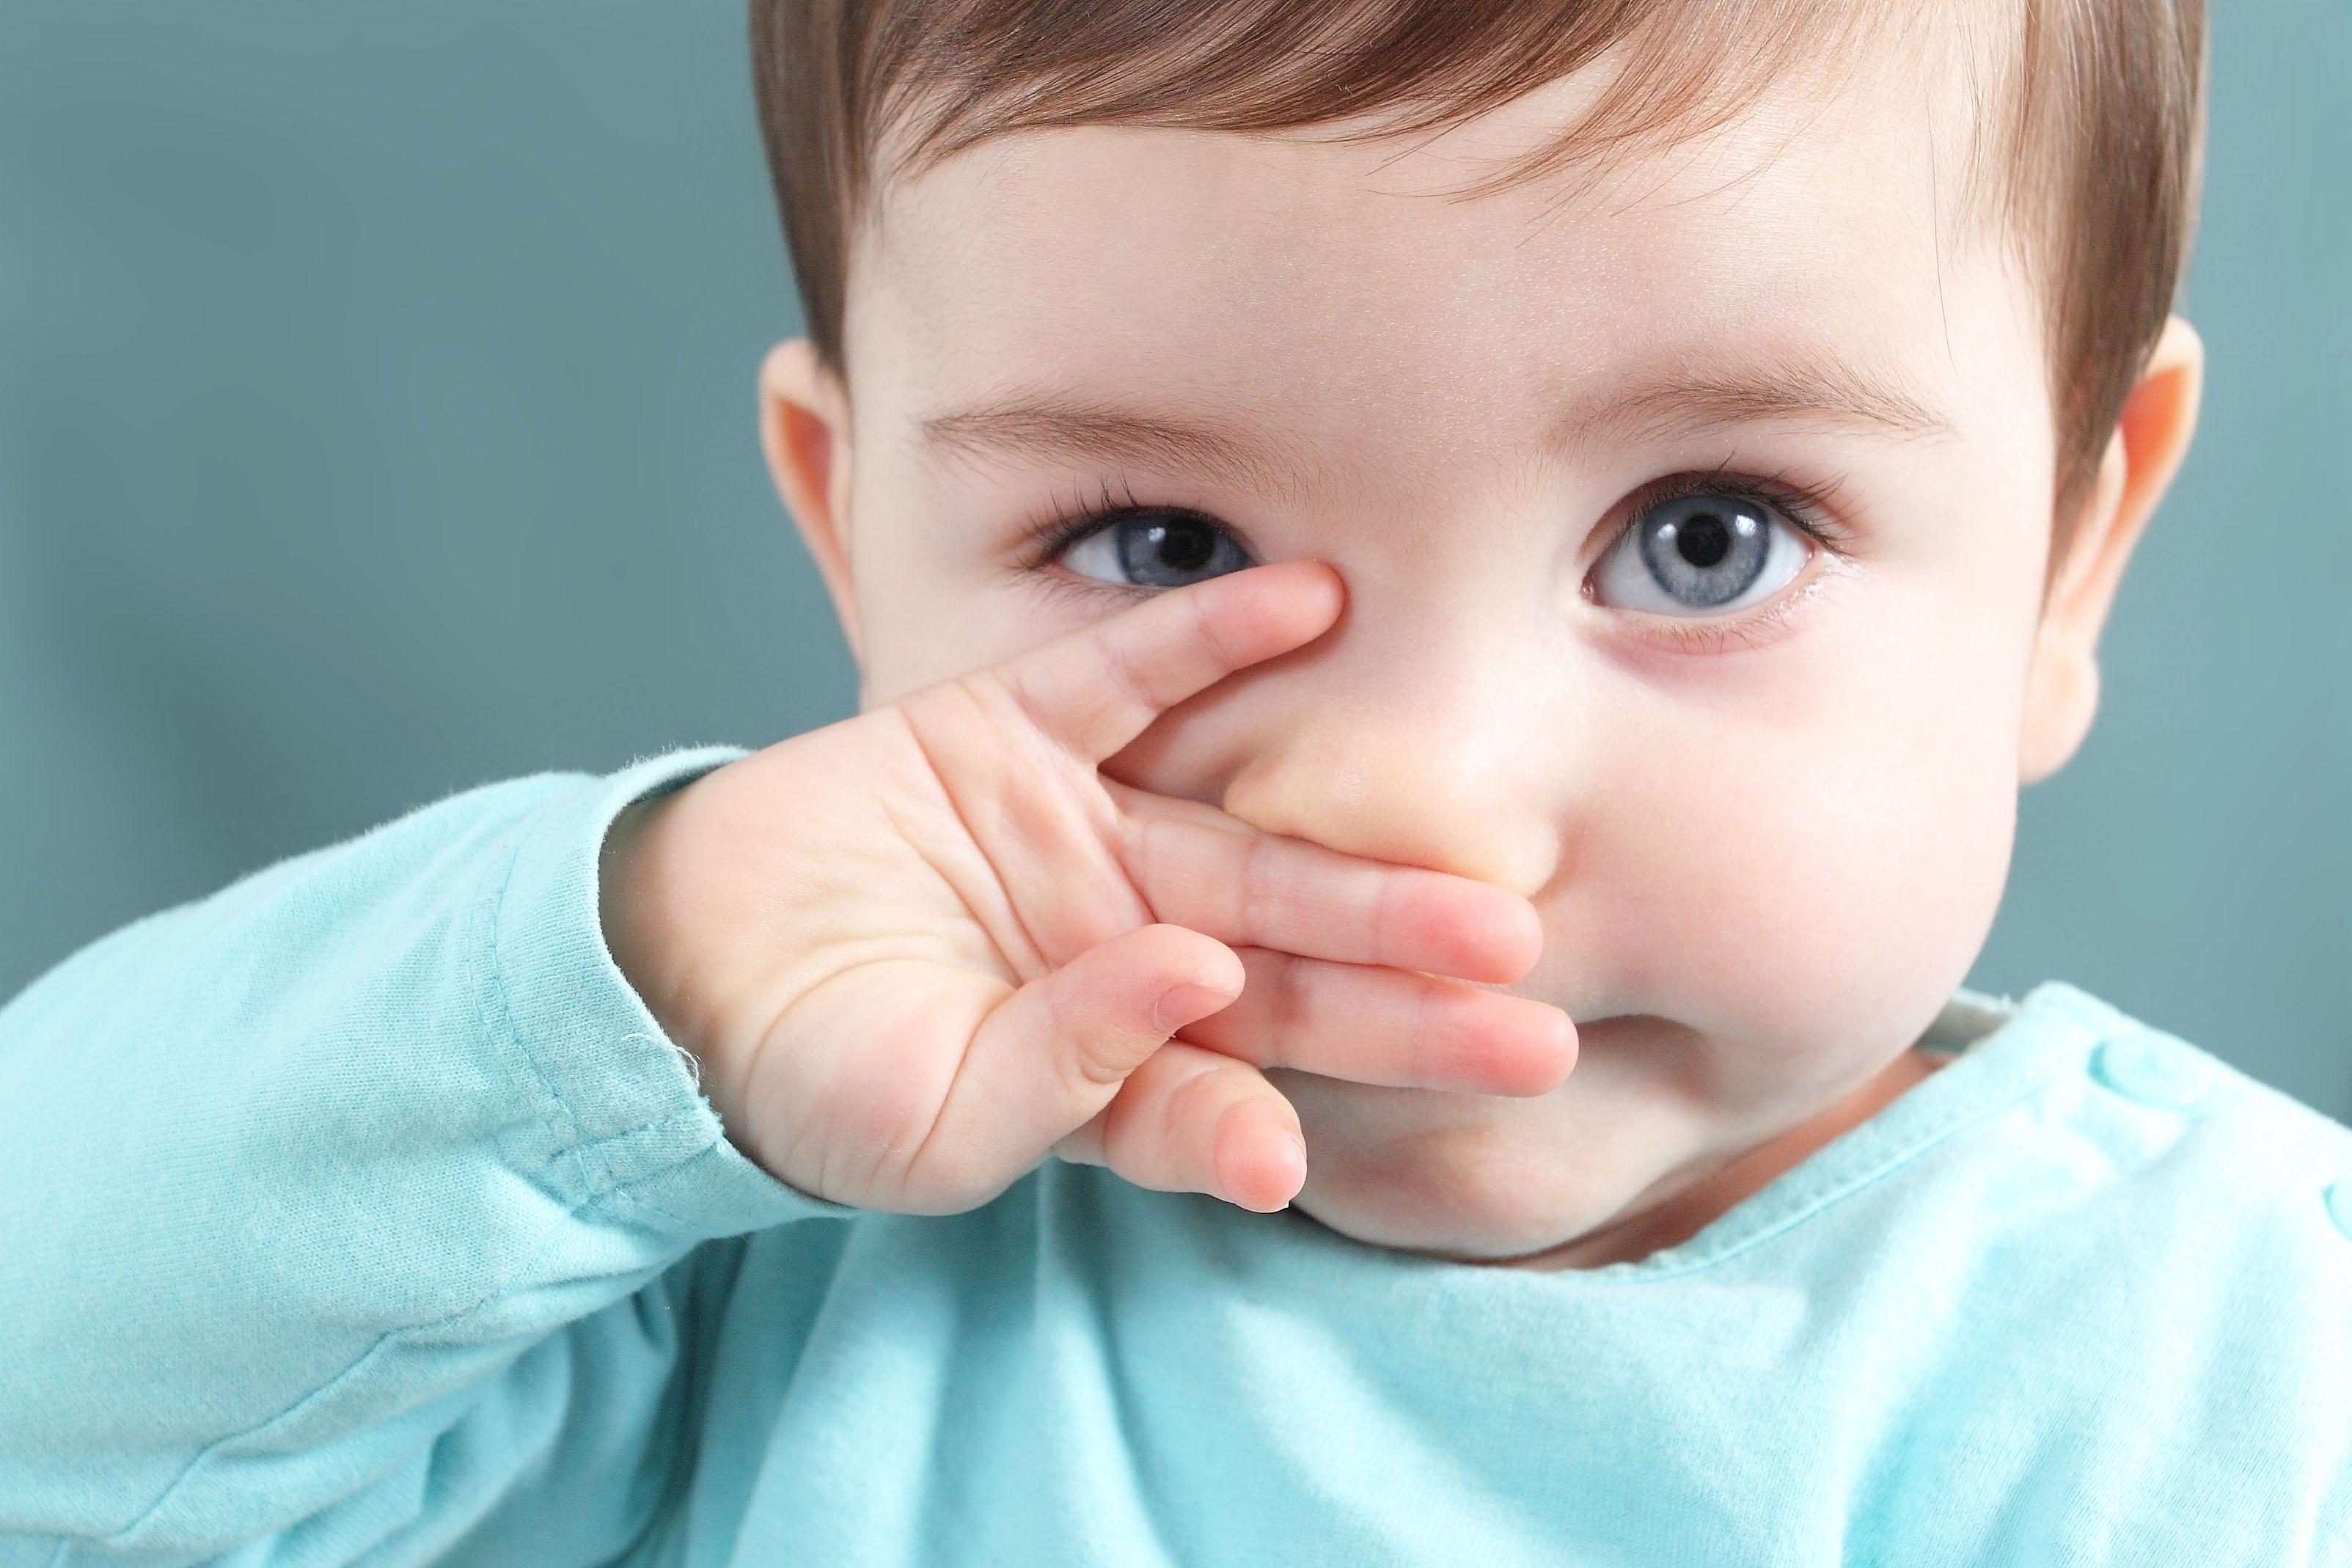 Ринит у ребенка фото